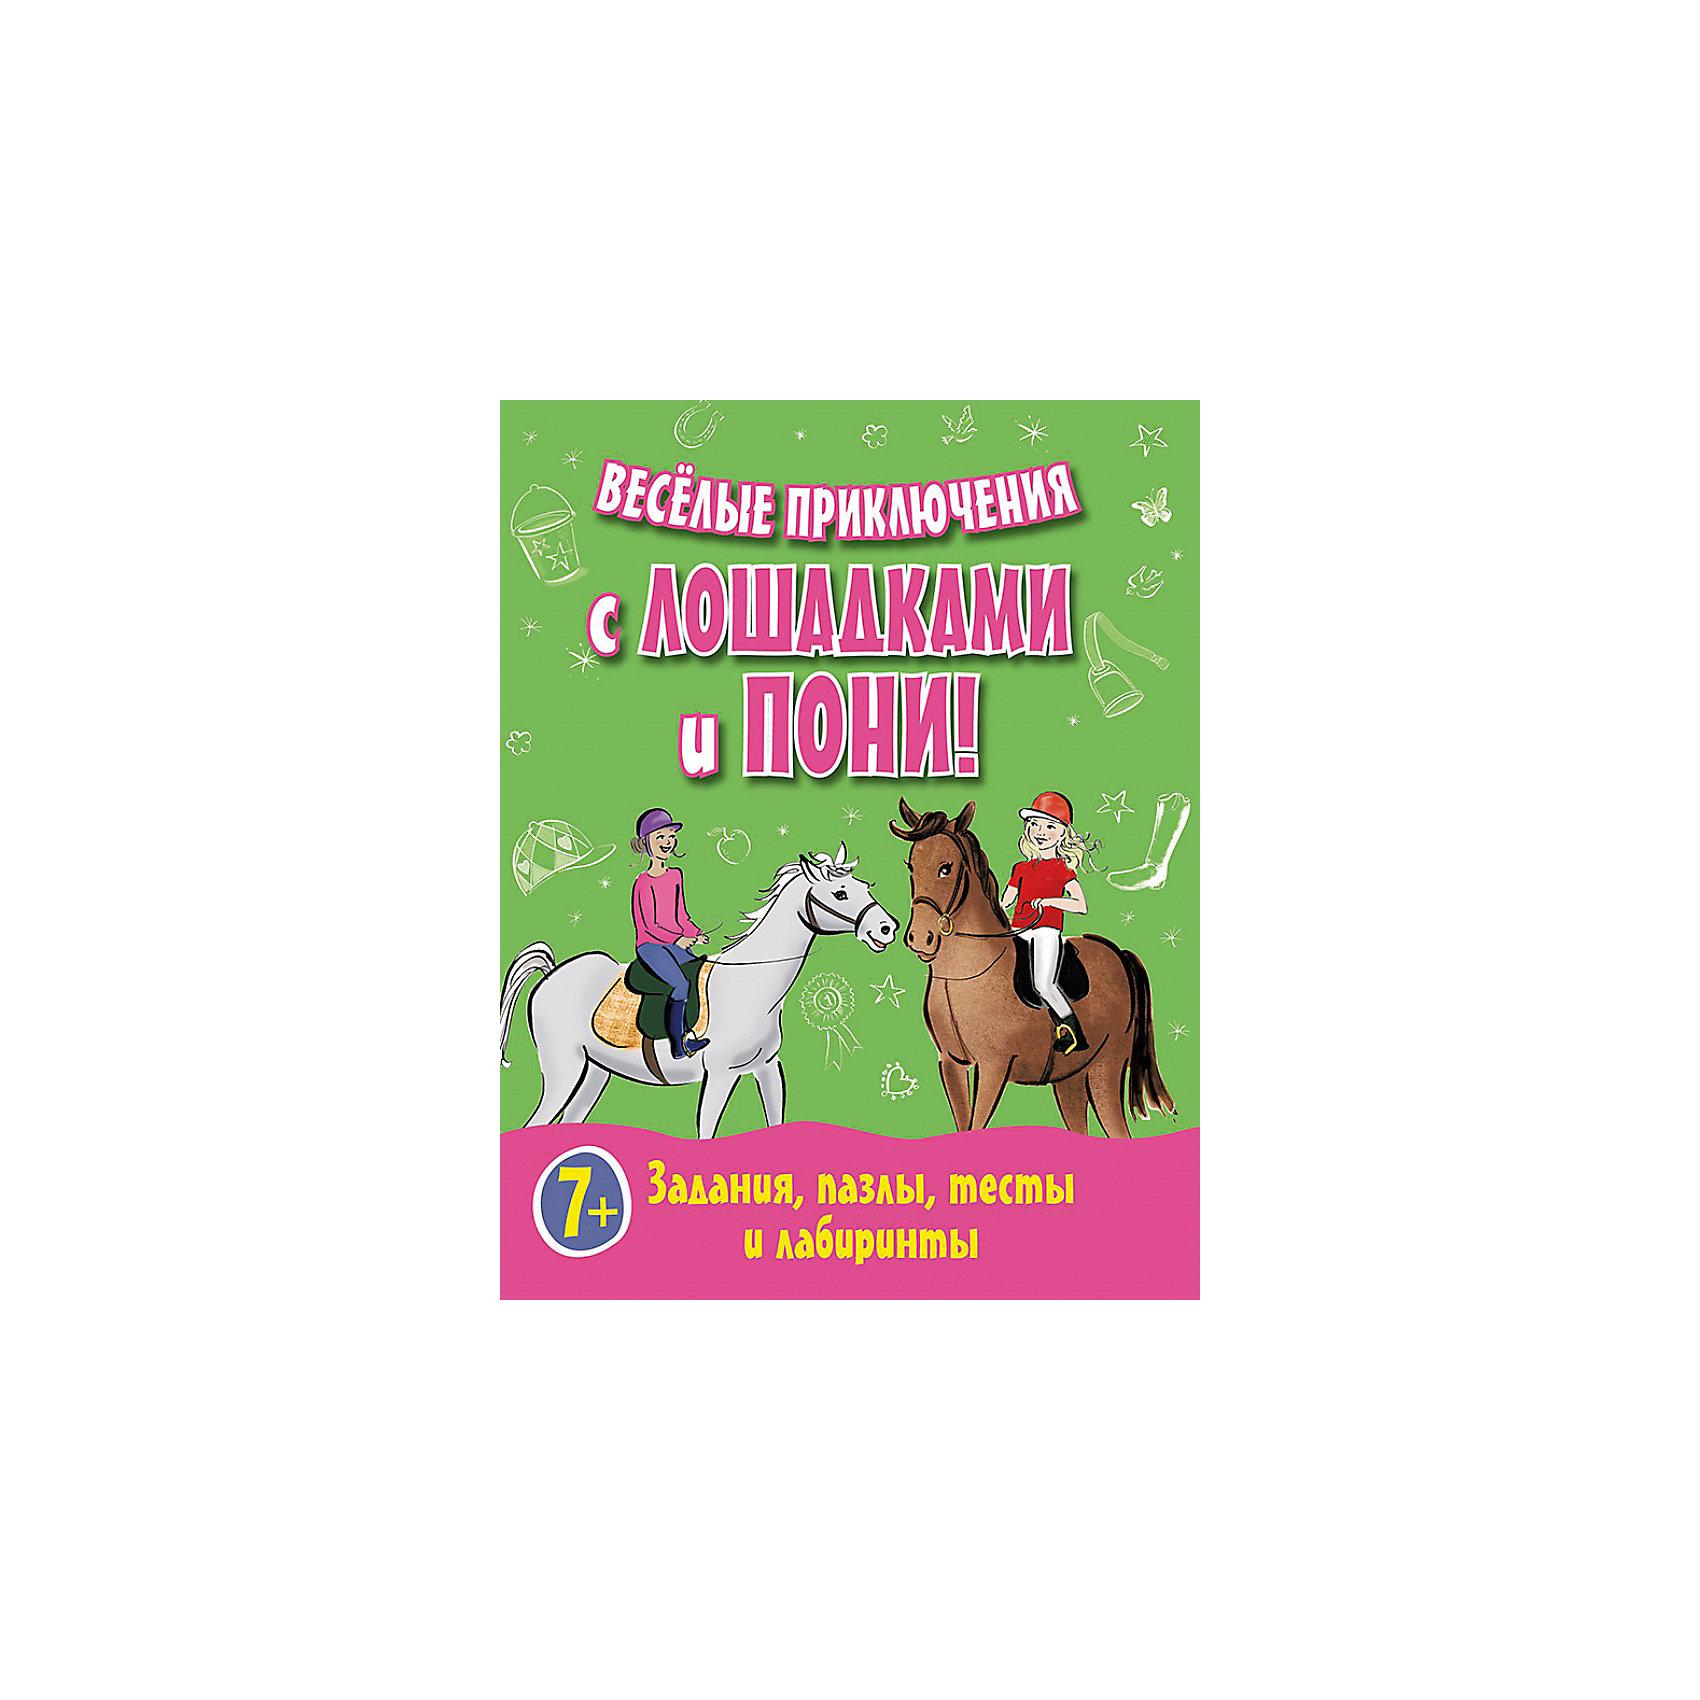 ПИТЕР Веселые приключения с лошадками и пони! Задания, пазлы, тесты и лабиринты пазлы бомик пазлы книжка репка